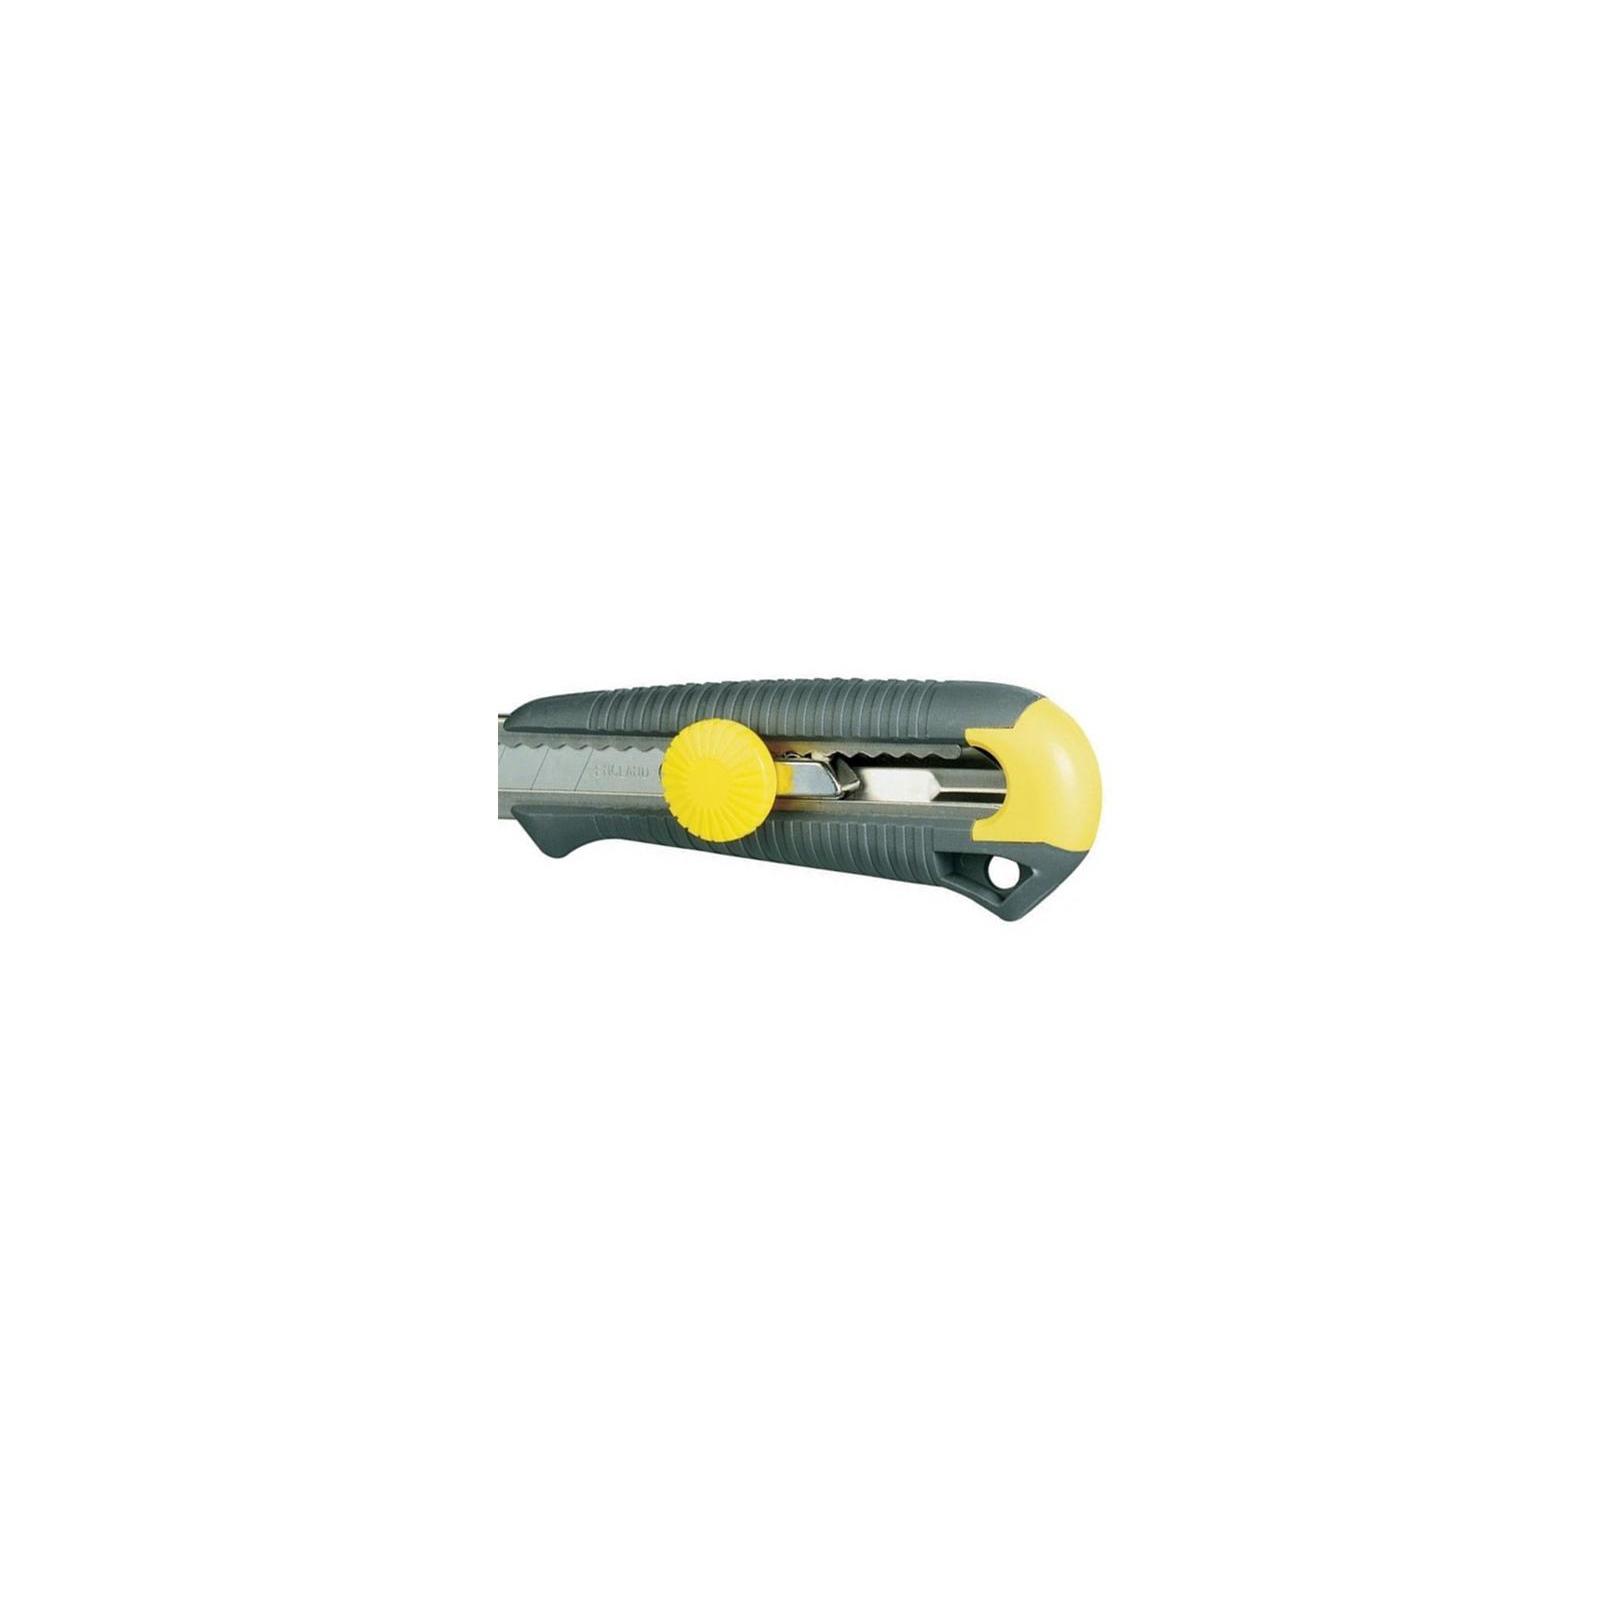 """Нож монтажный Stanley """"DynaGrip"""" MP выдв. лезвие, ширина 18мм, длина 165мм (0-10-418) изображение 2"""